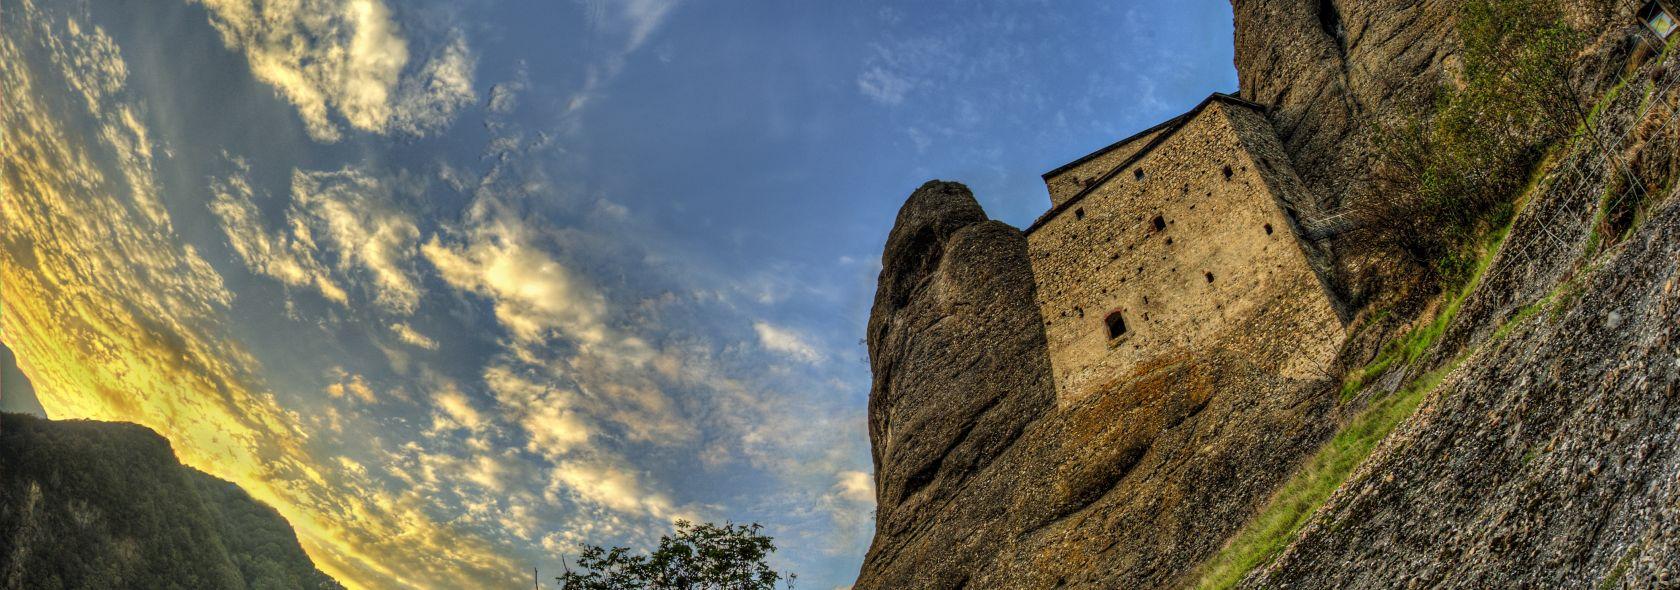 Castello della Pietra_E.Biggi